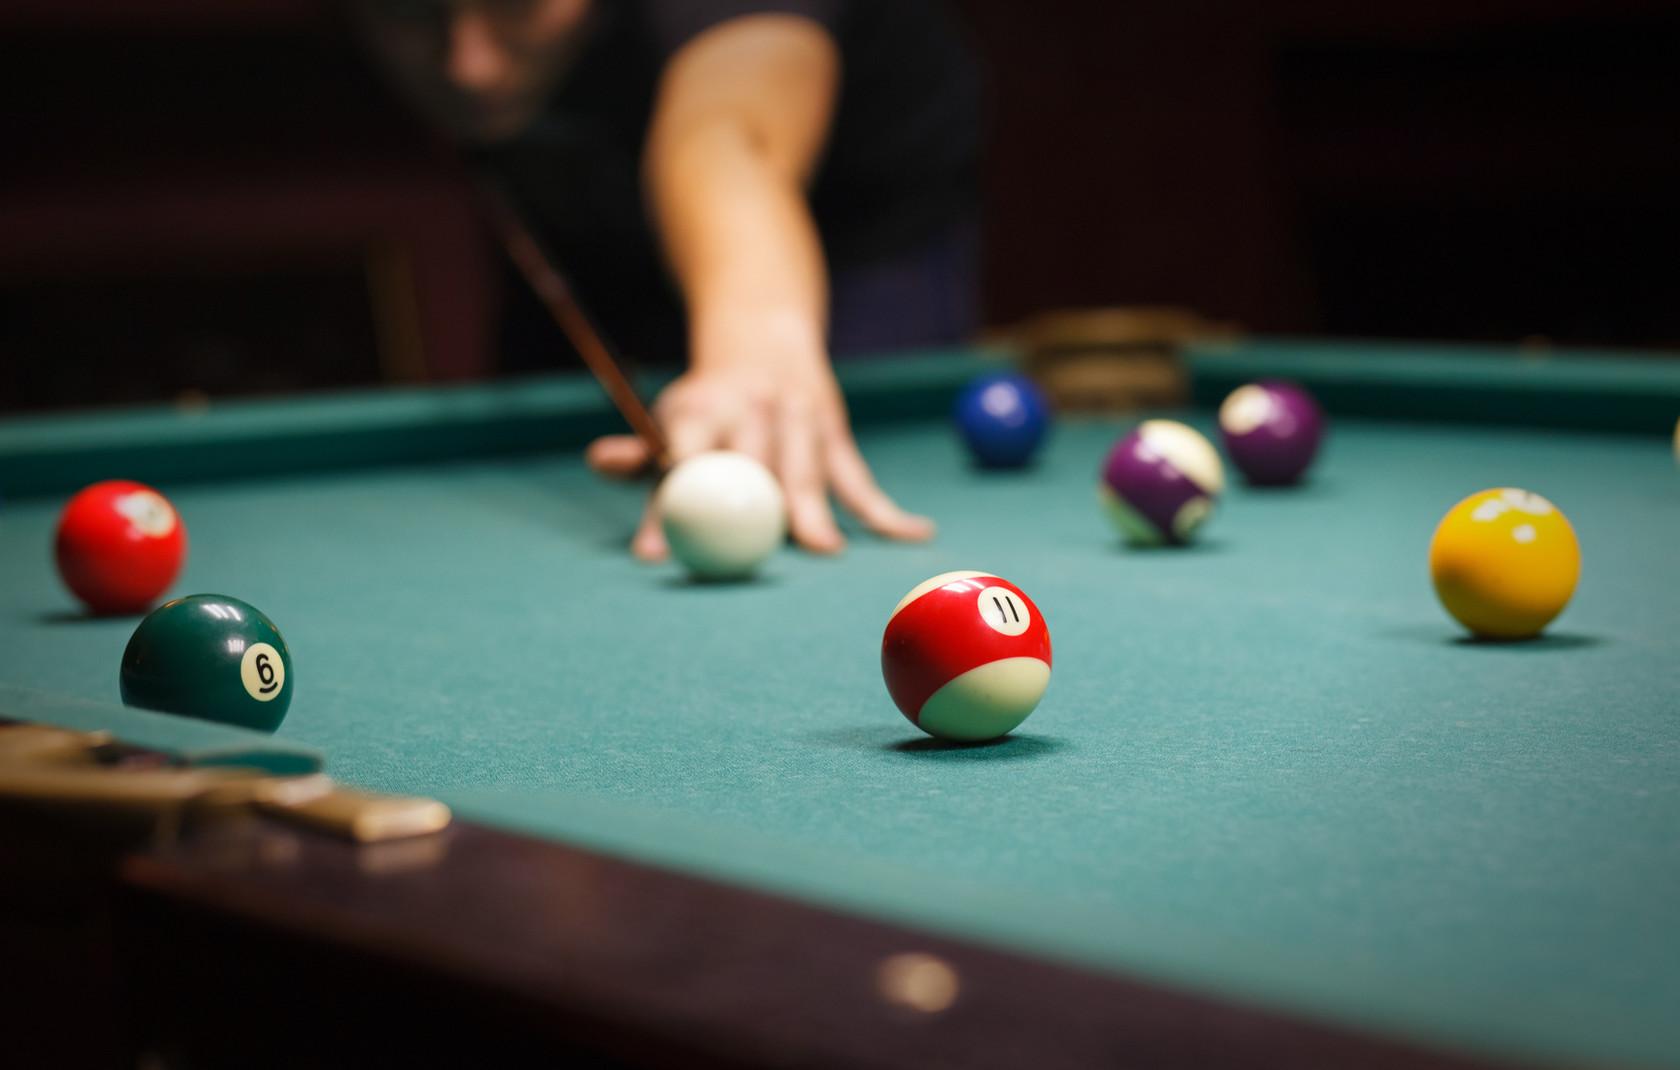 die drei billardcafe sportsbar snooker  darts  kicker billiard clipart svg billiard clipart free download